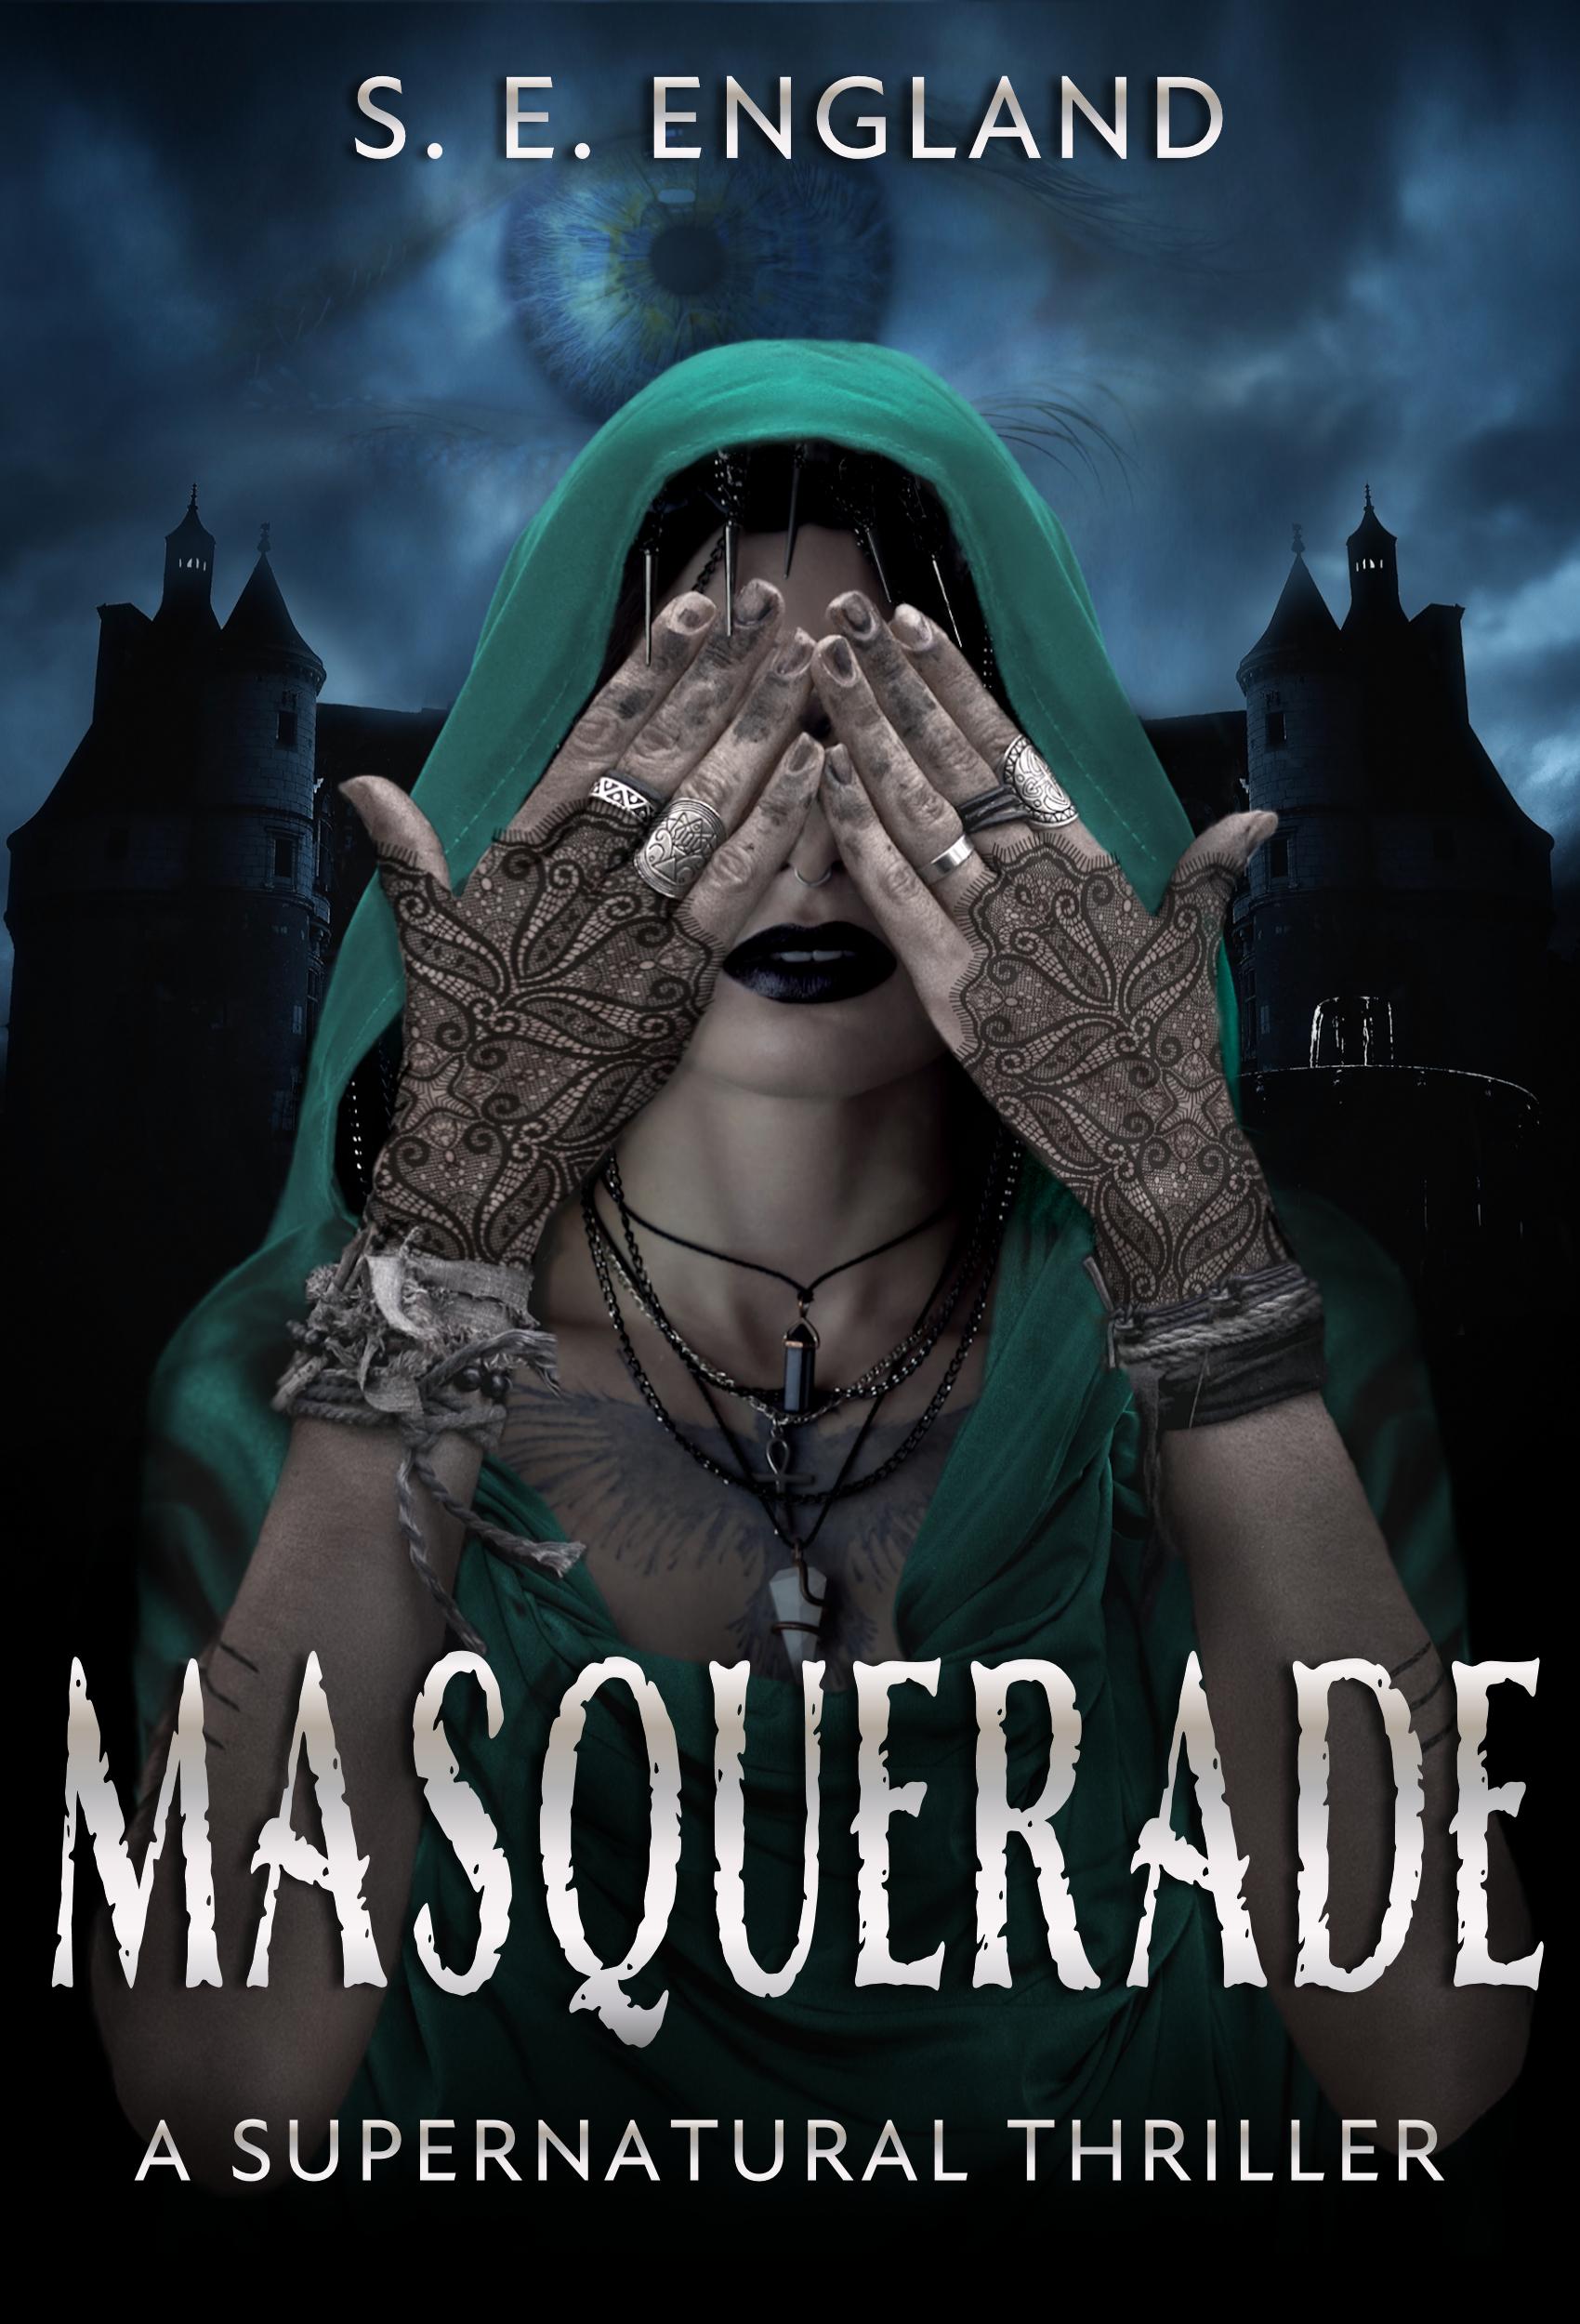 Masquerade by S. E. England